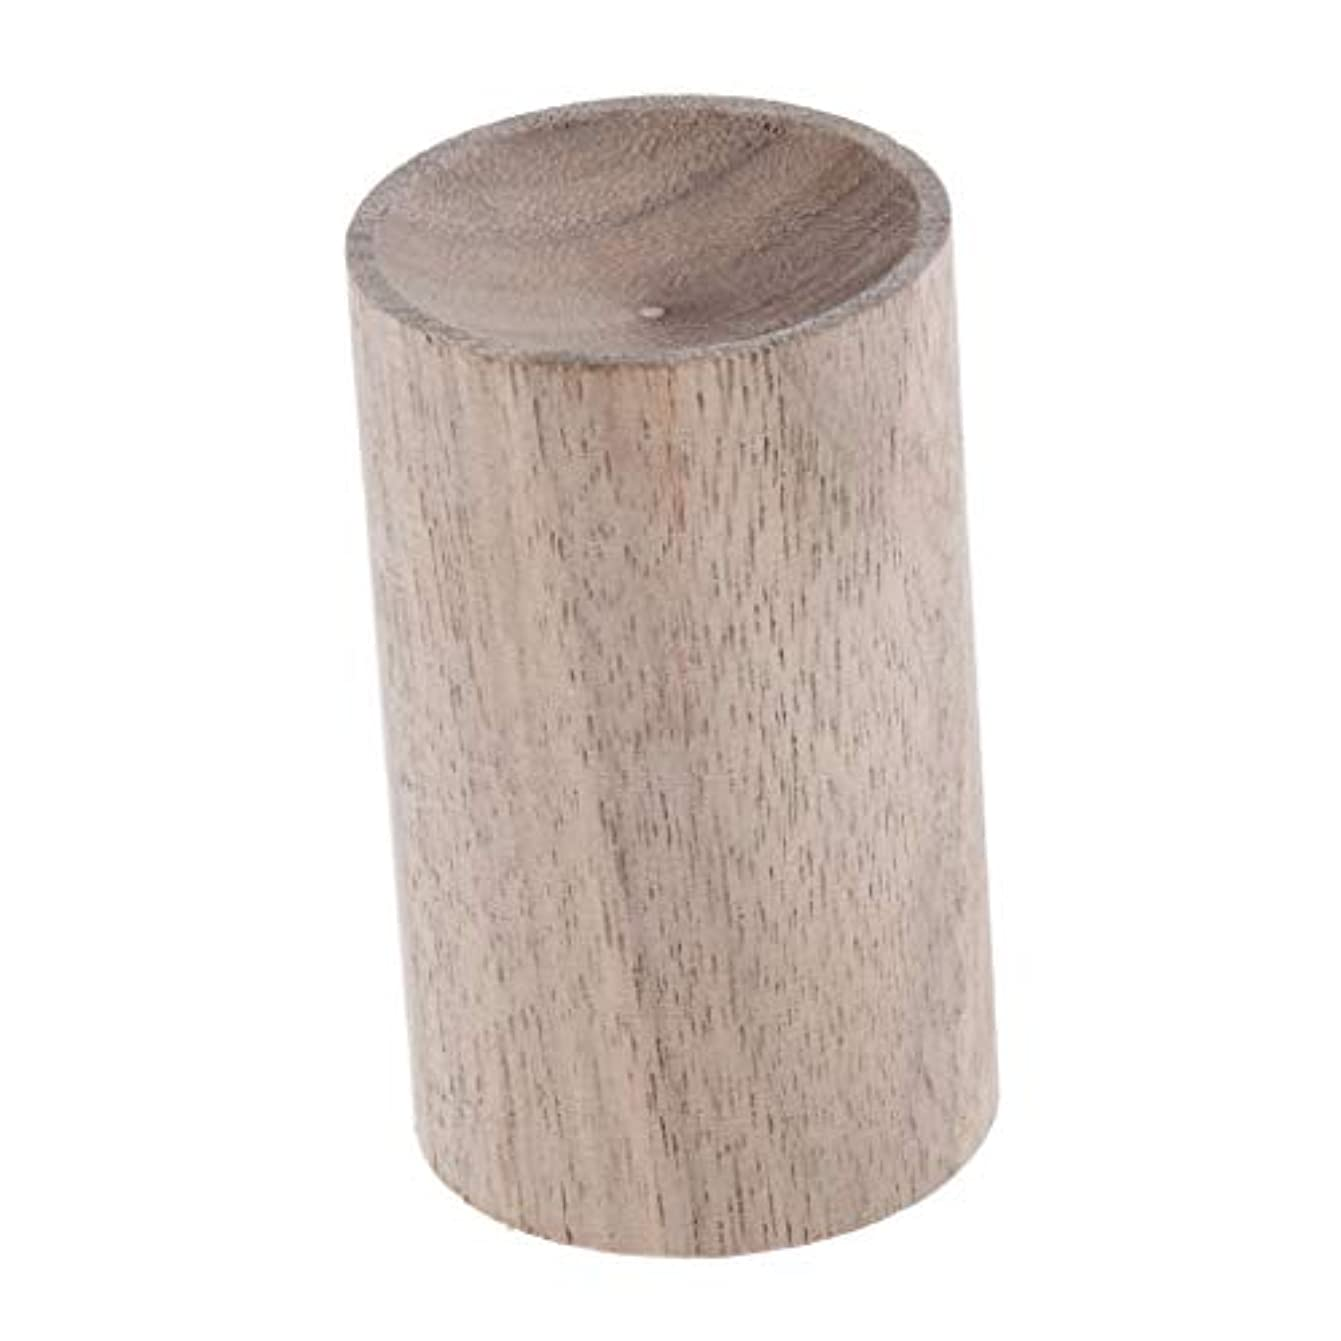 慎重にと体現するHellery アロマディフューザー アロマバーナー 天然木 ハ ンドメイド 手作り 空気清浄 香水 全2種類 - 02